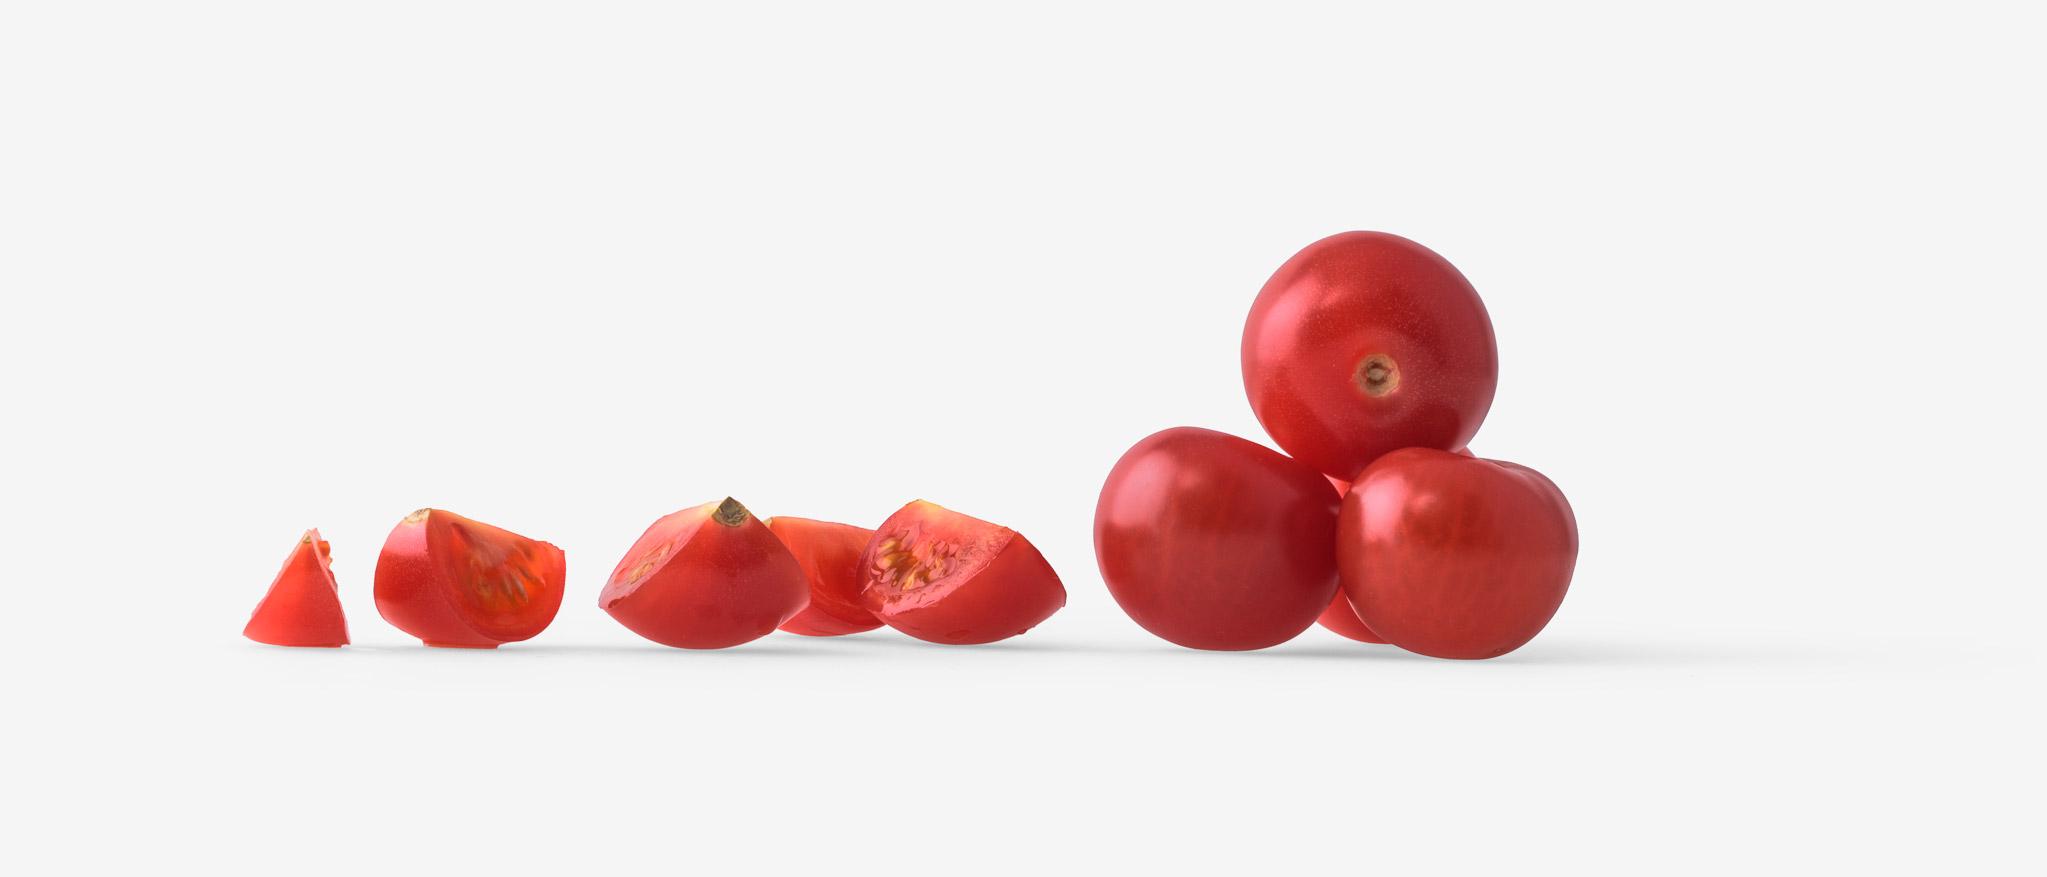 Cherry PSD layered image